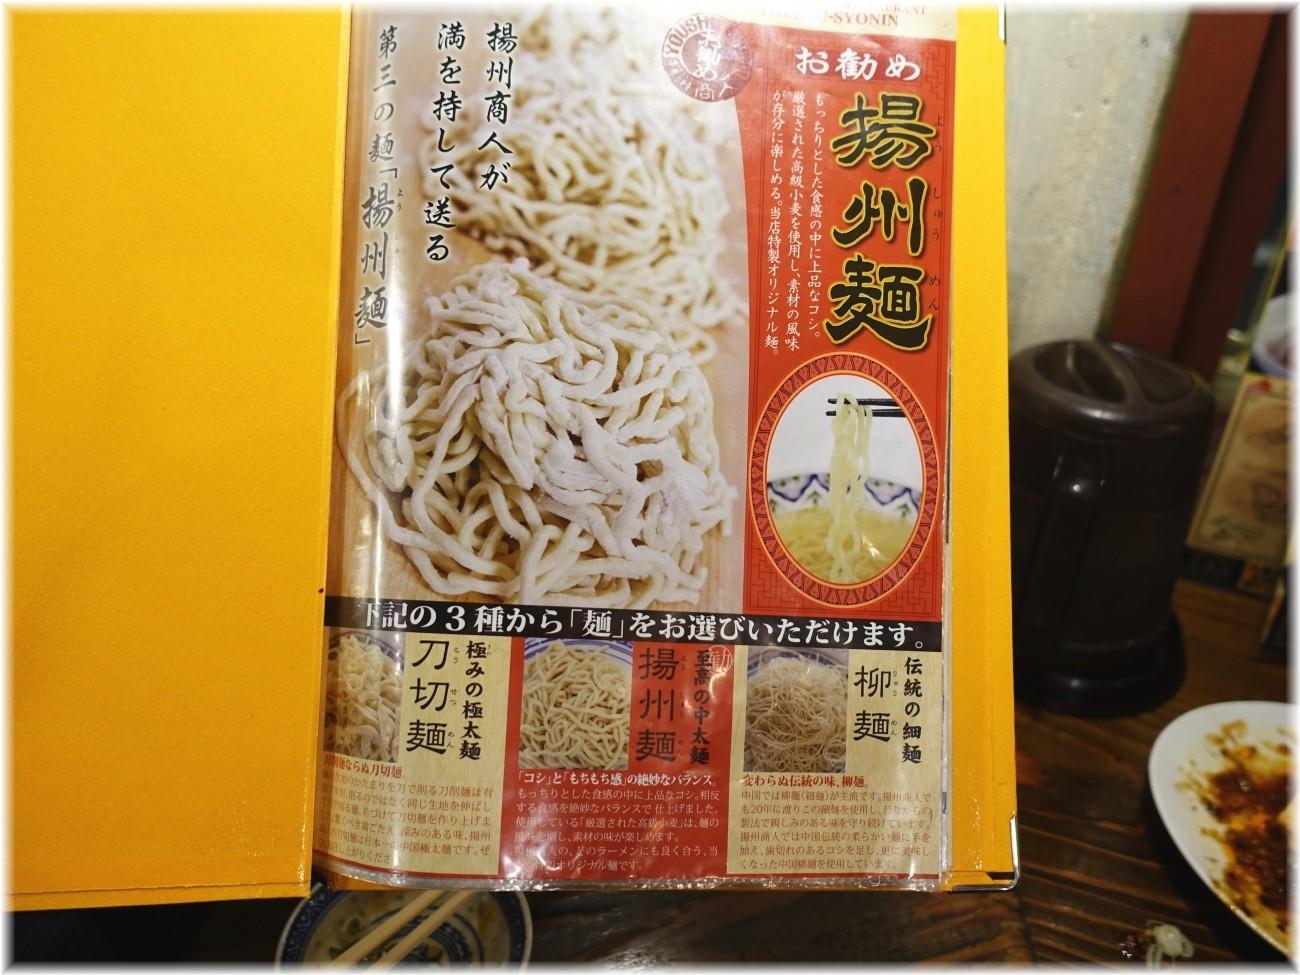 揚州商人新橋店2 麺の種類